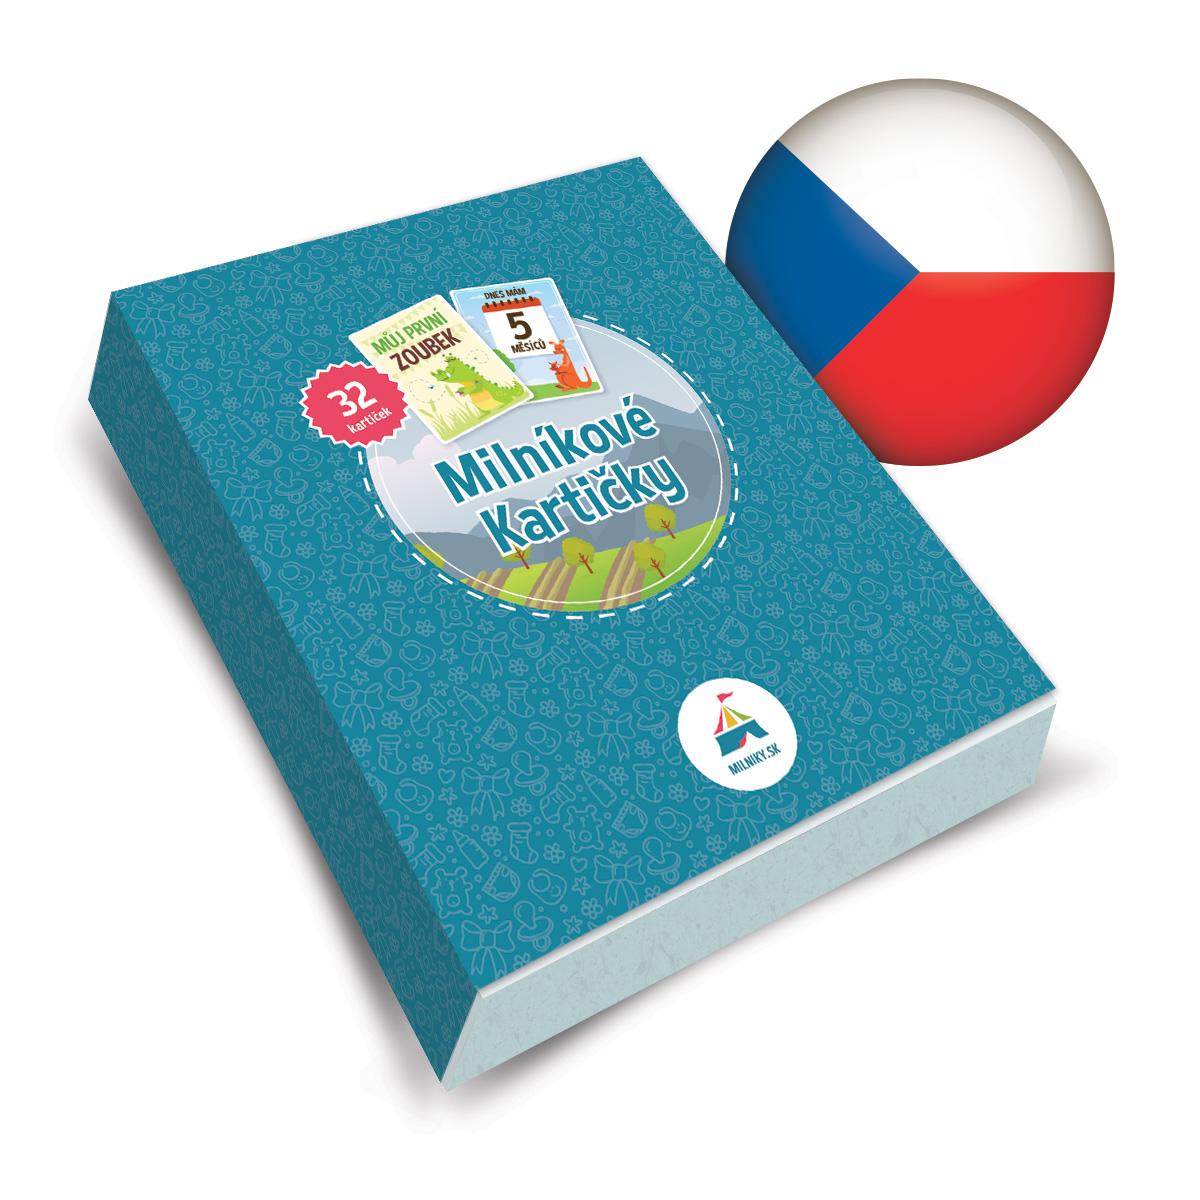 Mílnikové kartičky sú dostupné v slovenskej aj českej verzii